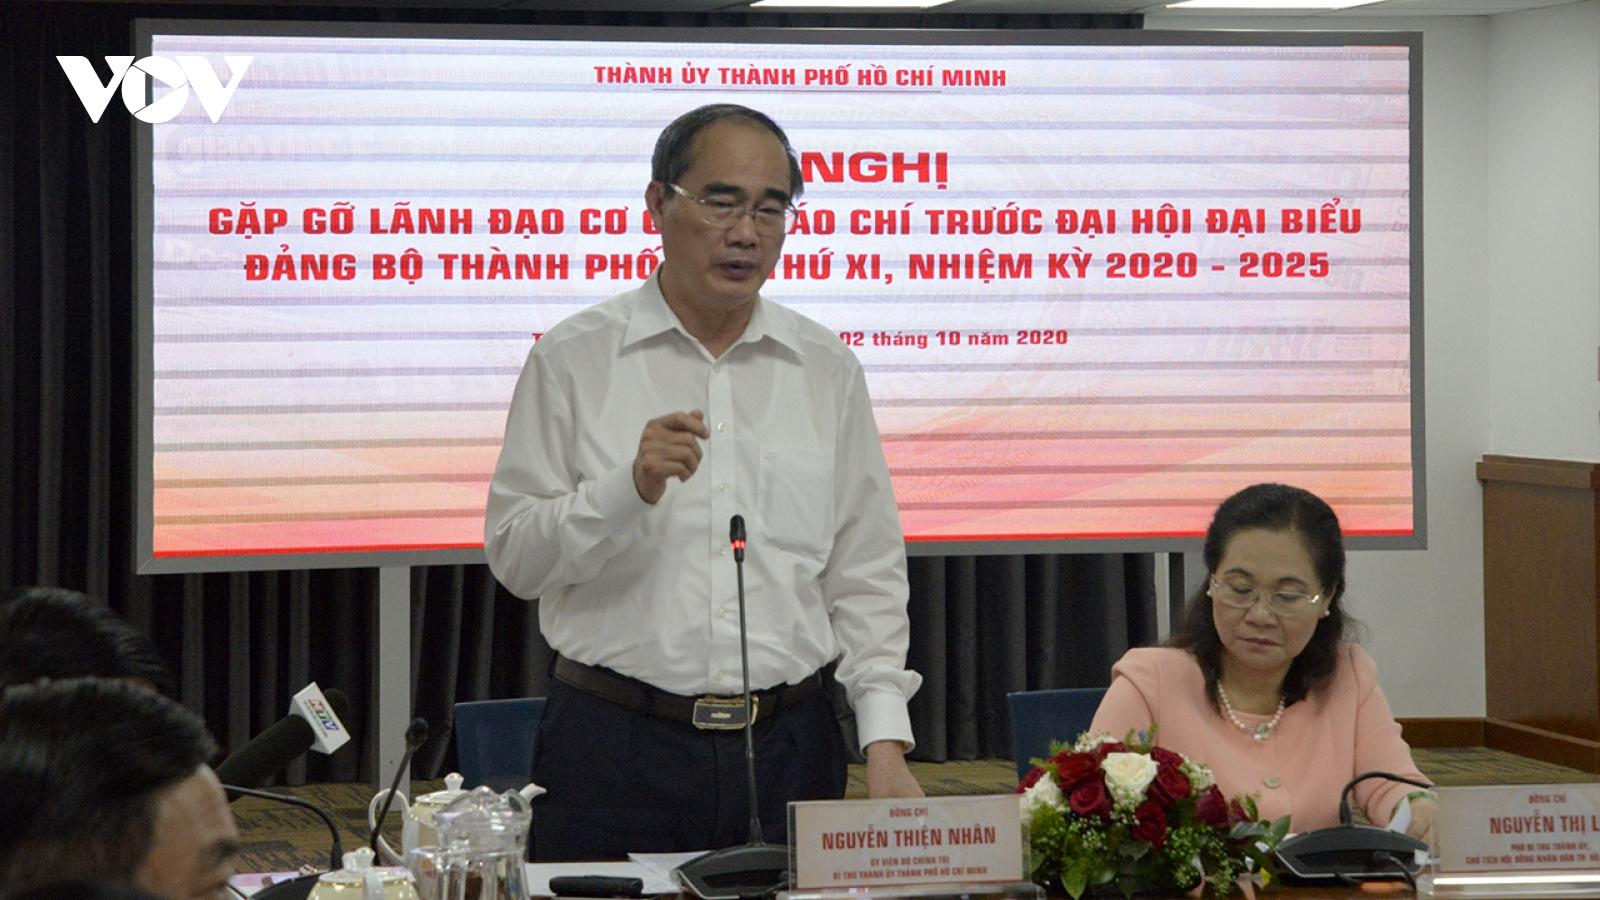 Ông Nguyễn Thiện Nhân: Kết quả sự lãnh đạo của Đảng phải do nhân dân đánh giá